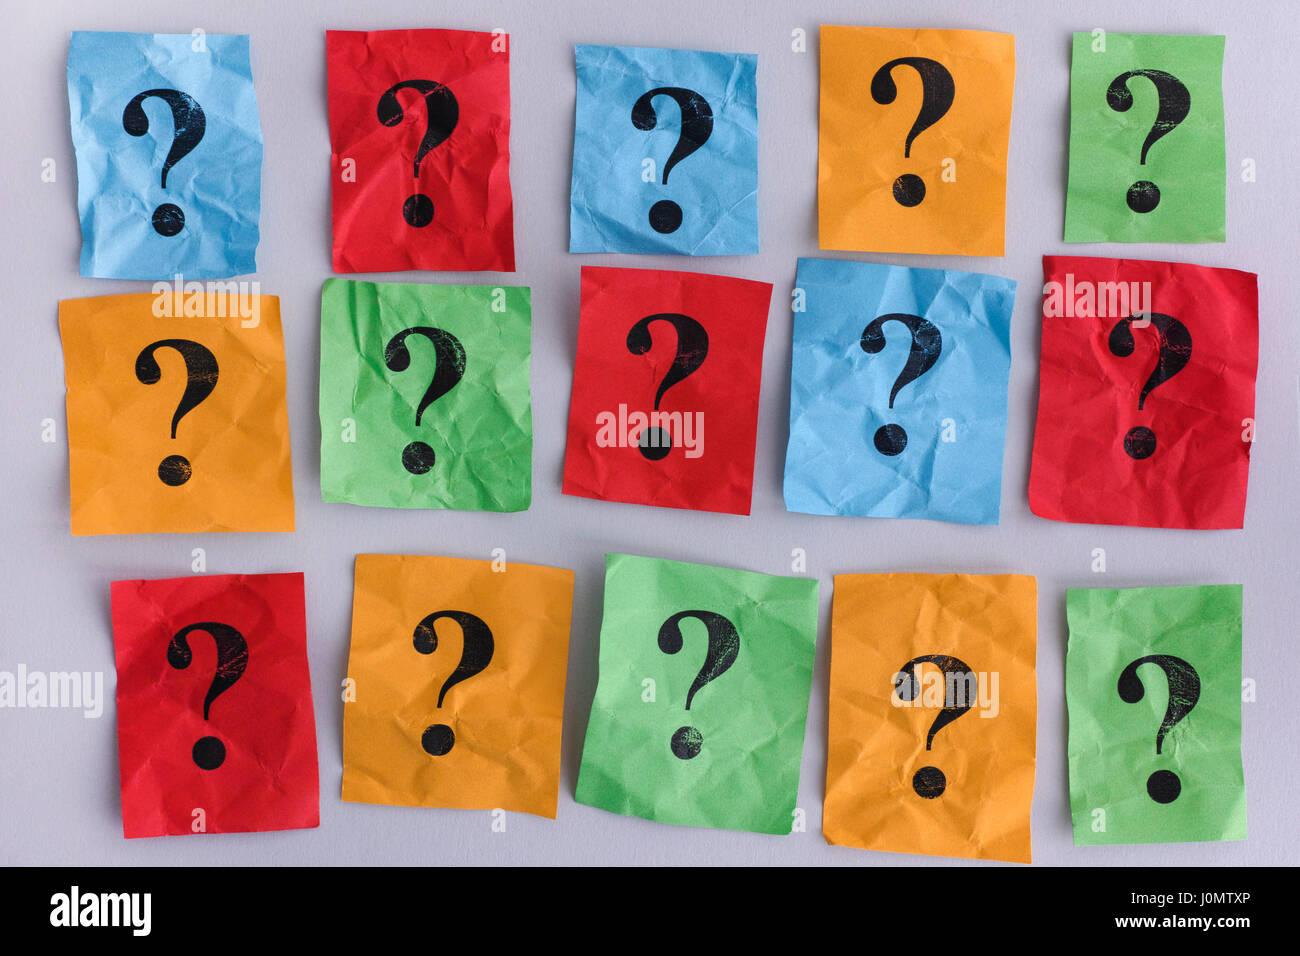 Los signos de interrogación. Notas de papel colorido con signos de interrogación. Concepto imagen. Closeup. Foto de stock